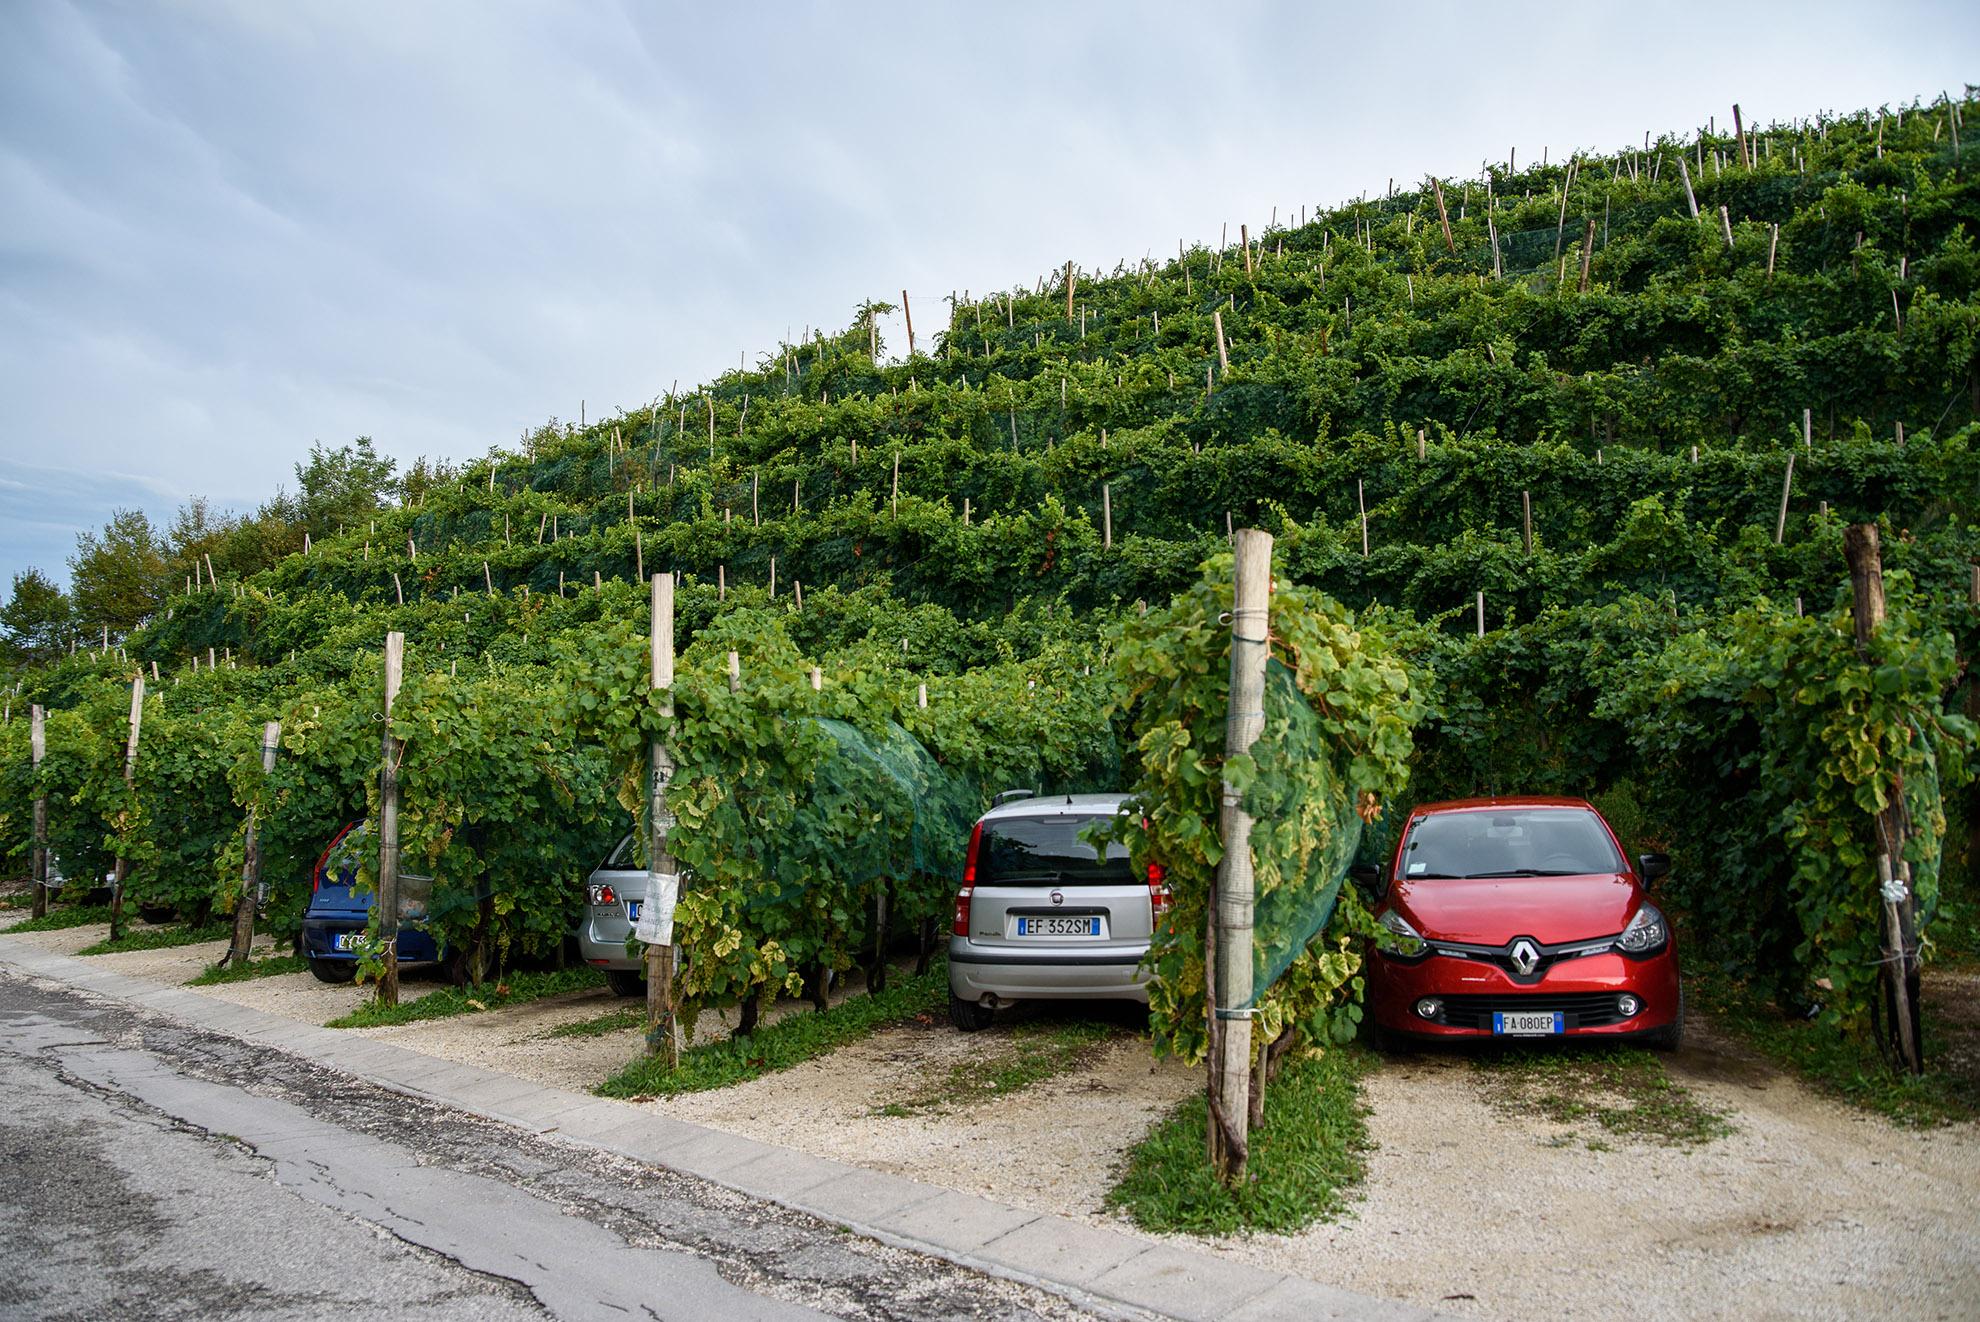 Osobliwy parking w Valdobbiadene